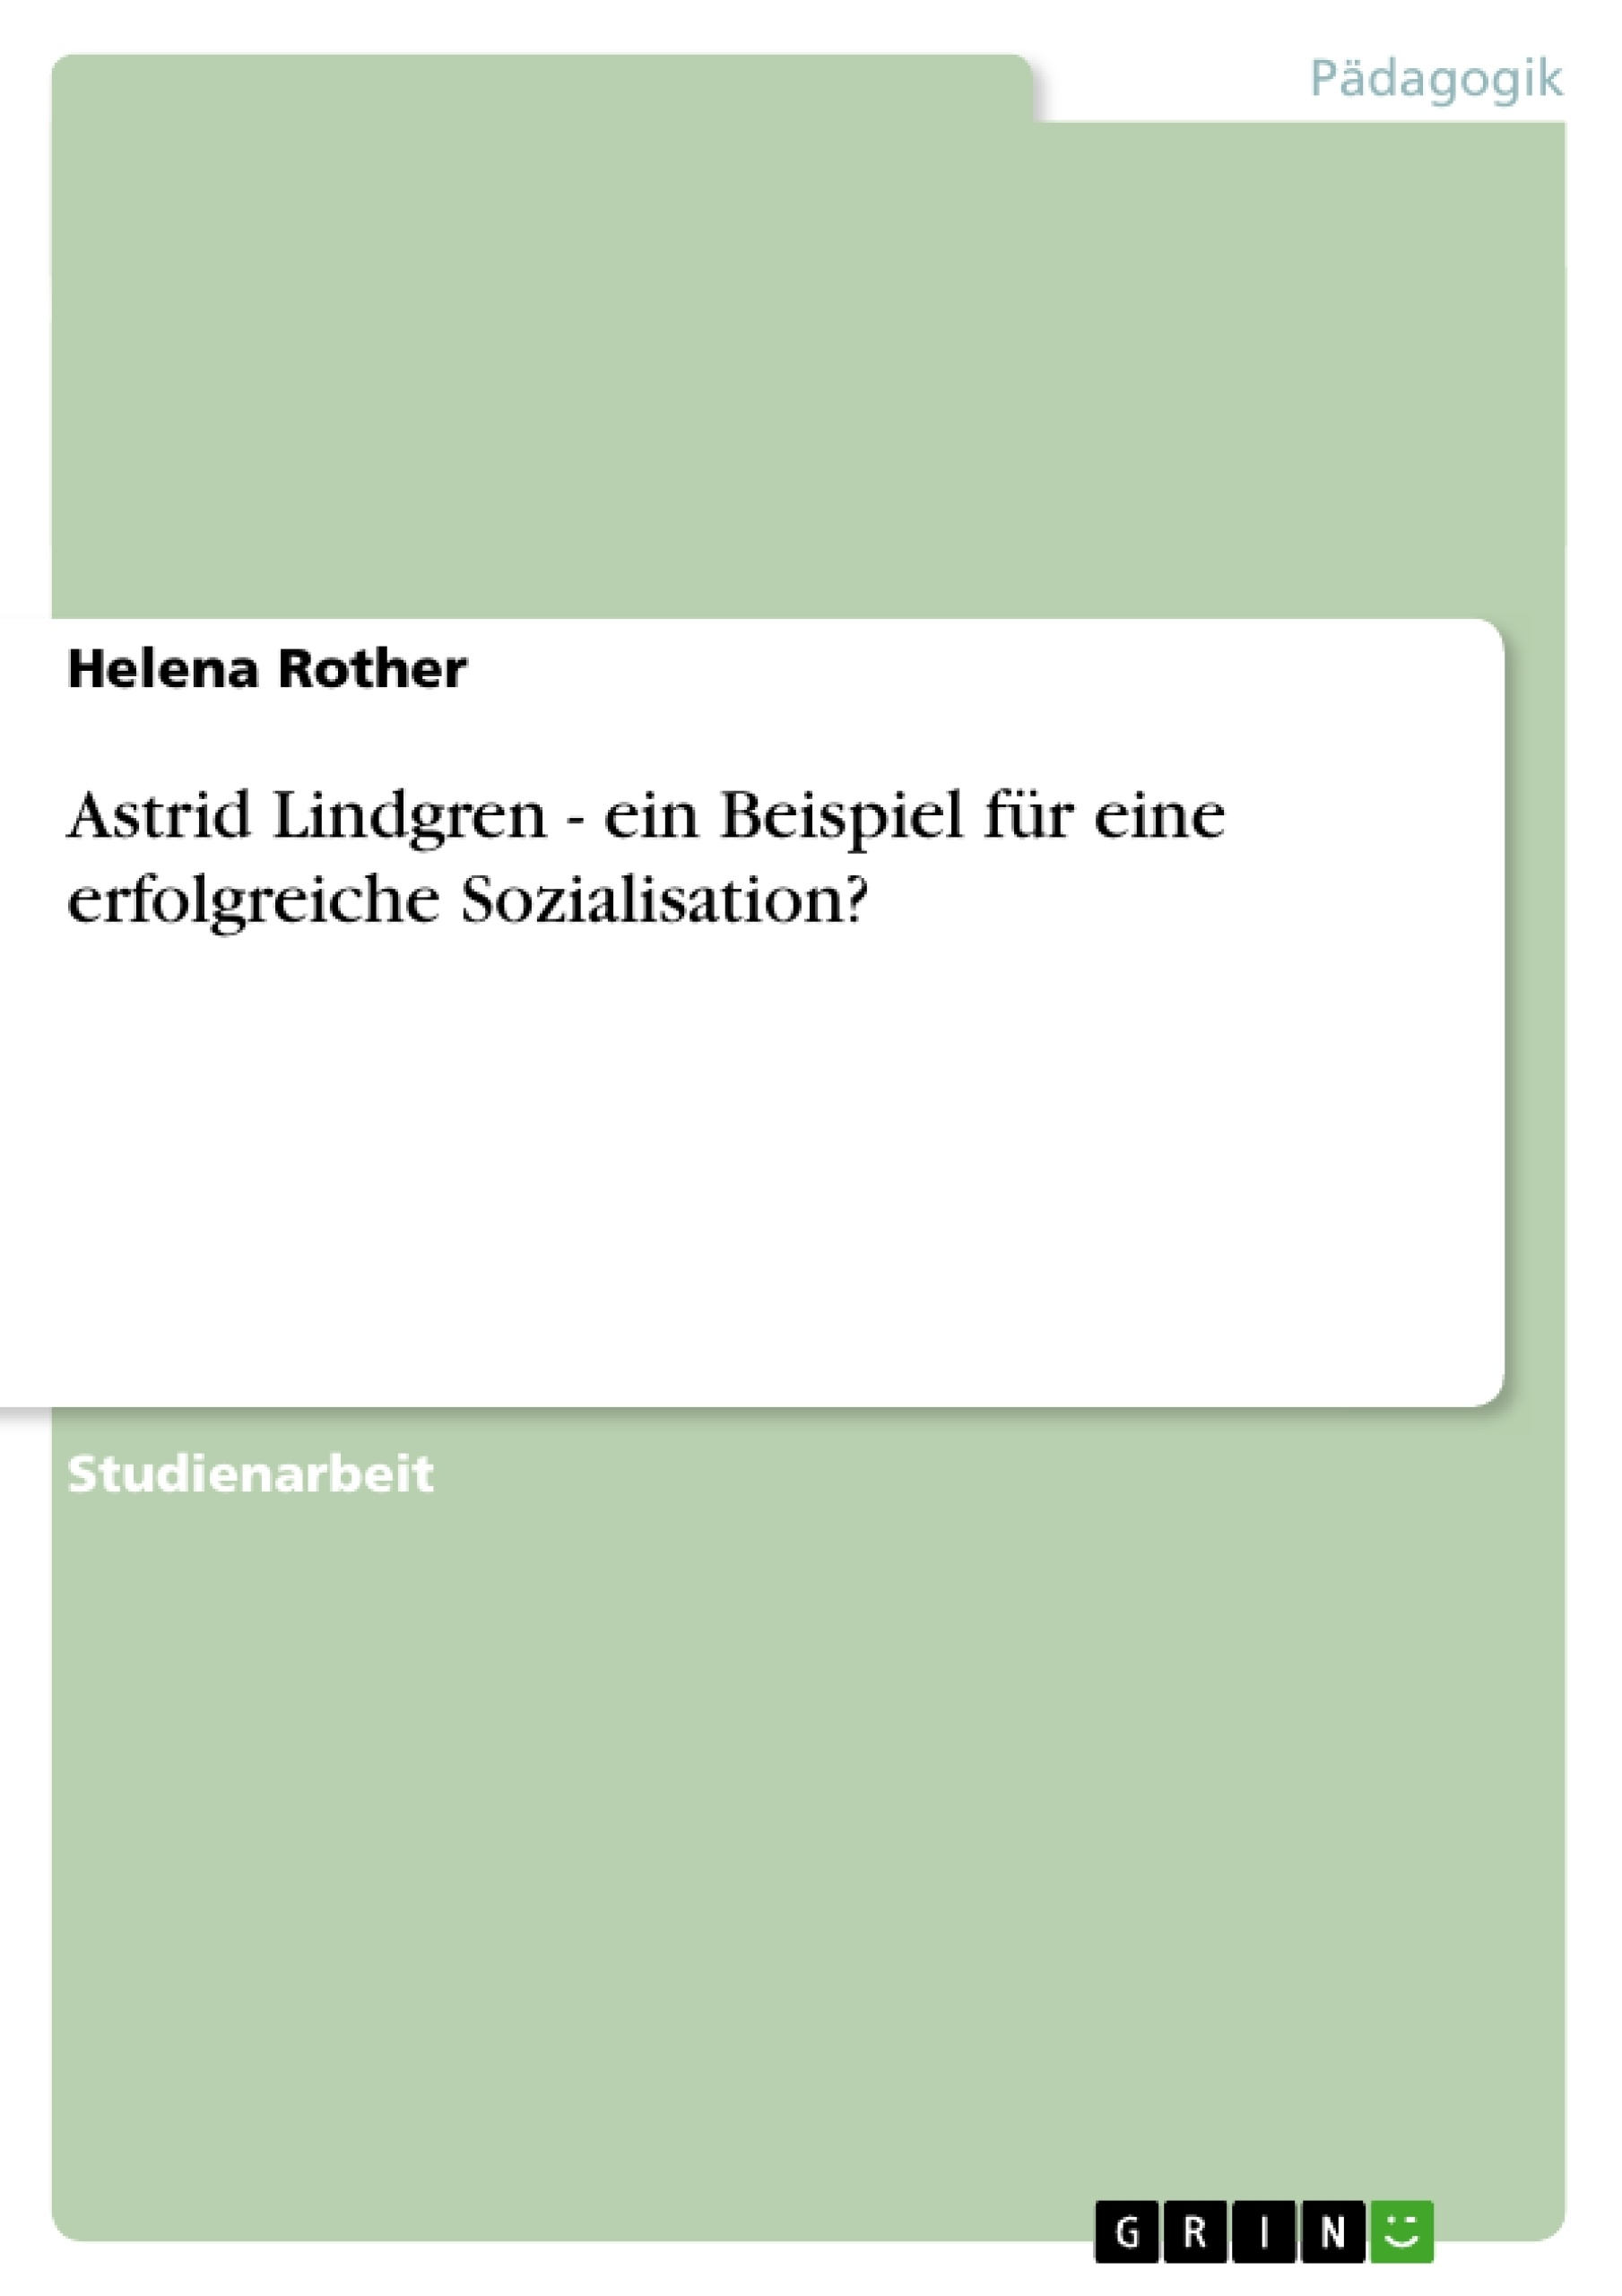 Titel: Astrid Lindgren - ein Beispiel für eine erfolgreiche Sozialisation?